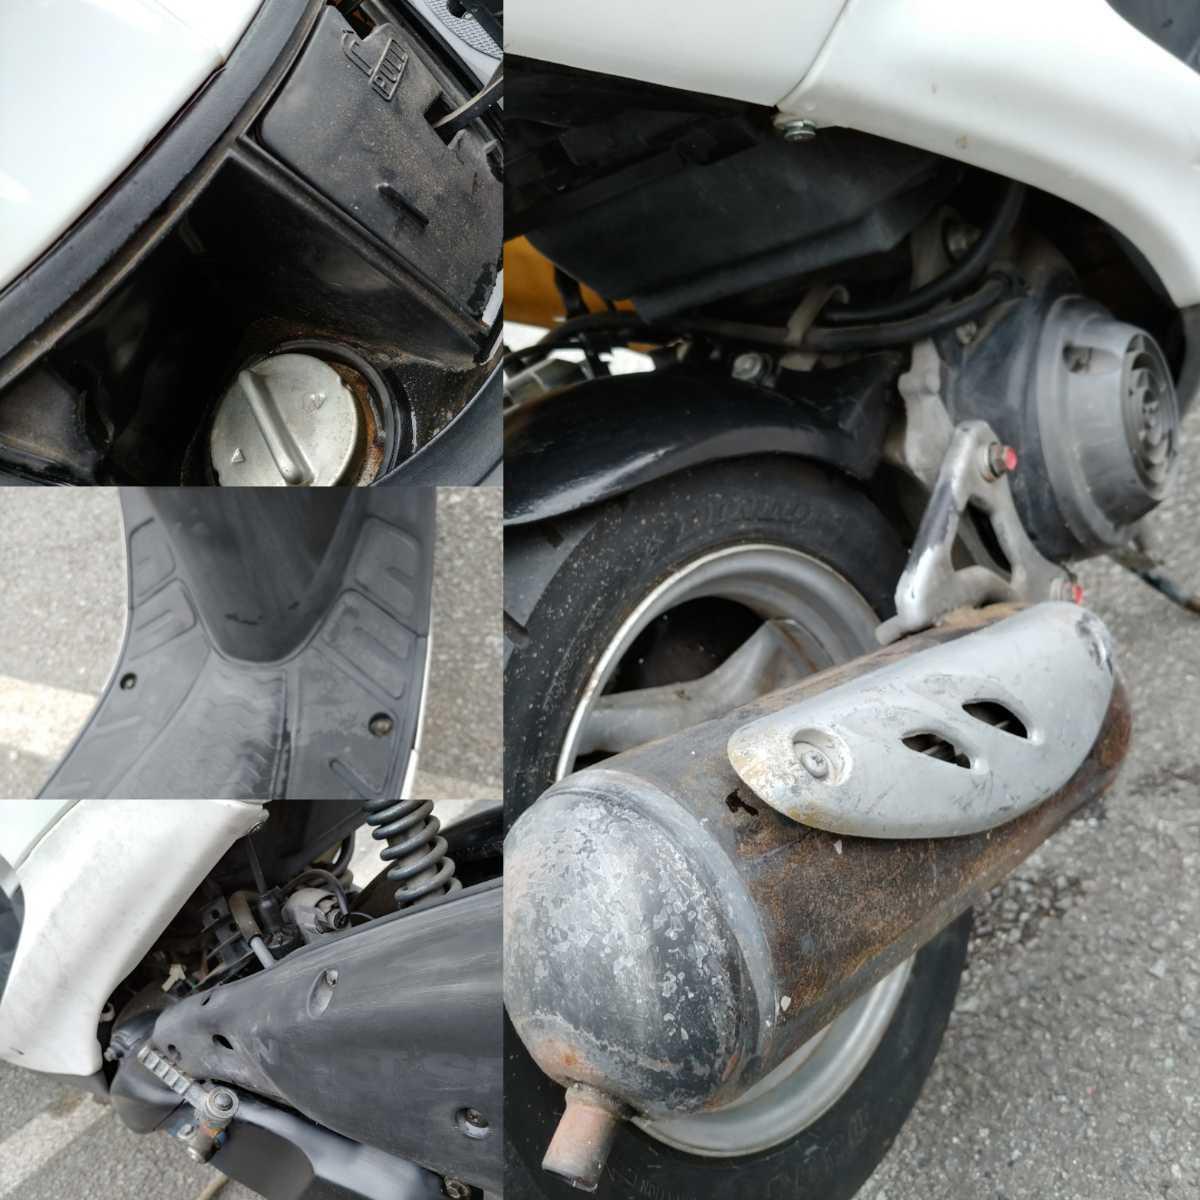 「【おまけ付最終】旧車 絶版 当時 人気車種HONDAライブディオSR 原付バイク50cc AF35 コア2スト 規制前後期 動画有 バッテリー新品」の画像3